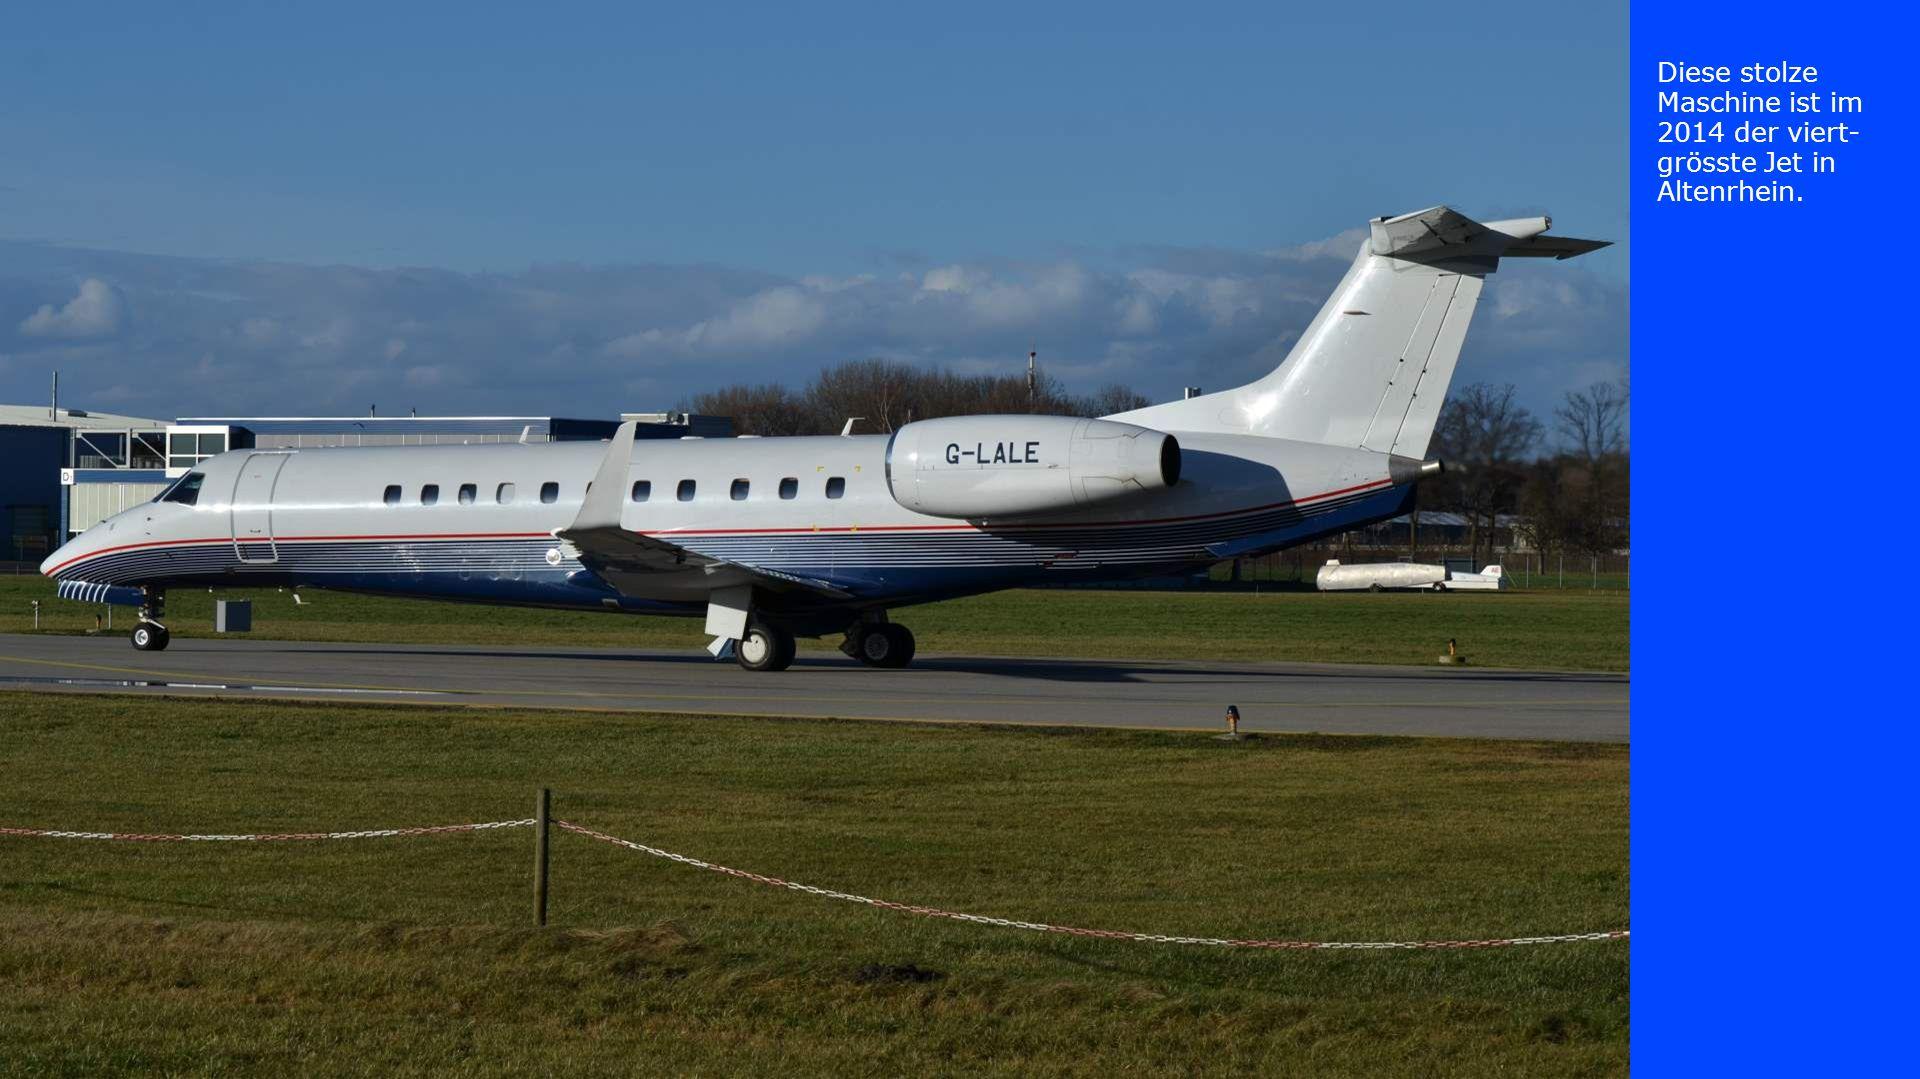 Diese stolze Maschine ist im 2014 der viert-grösste Jet in Altenrhein.